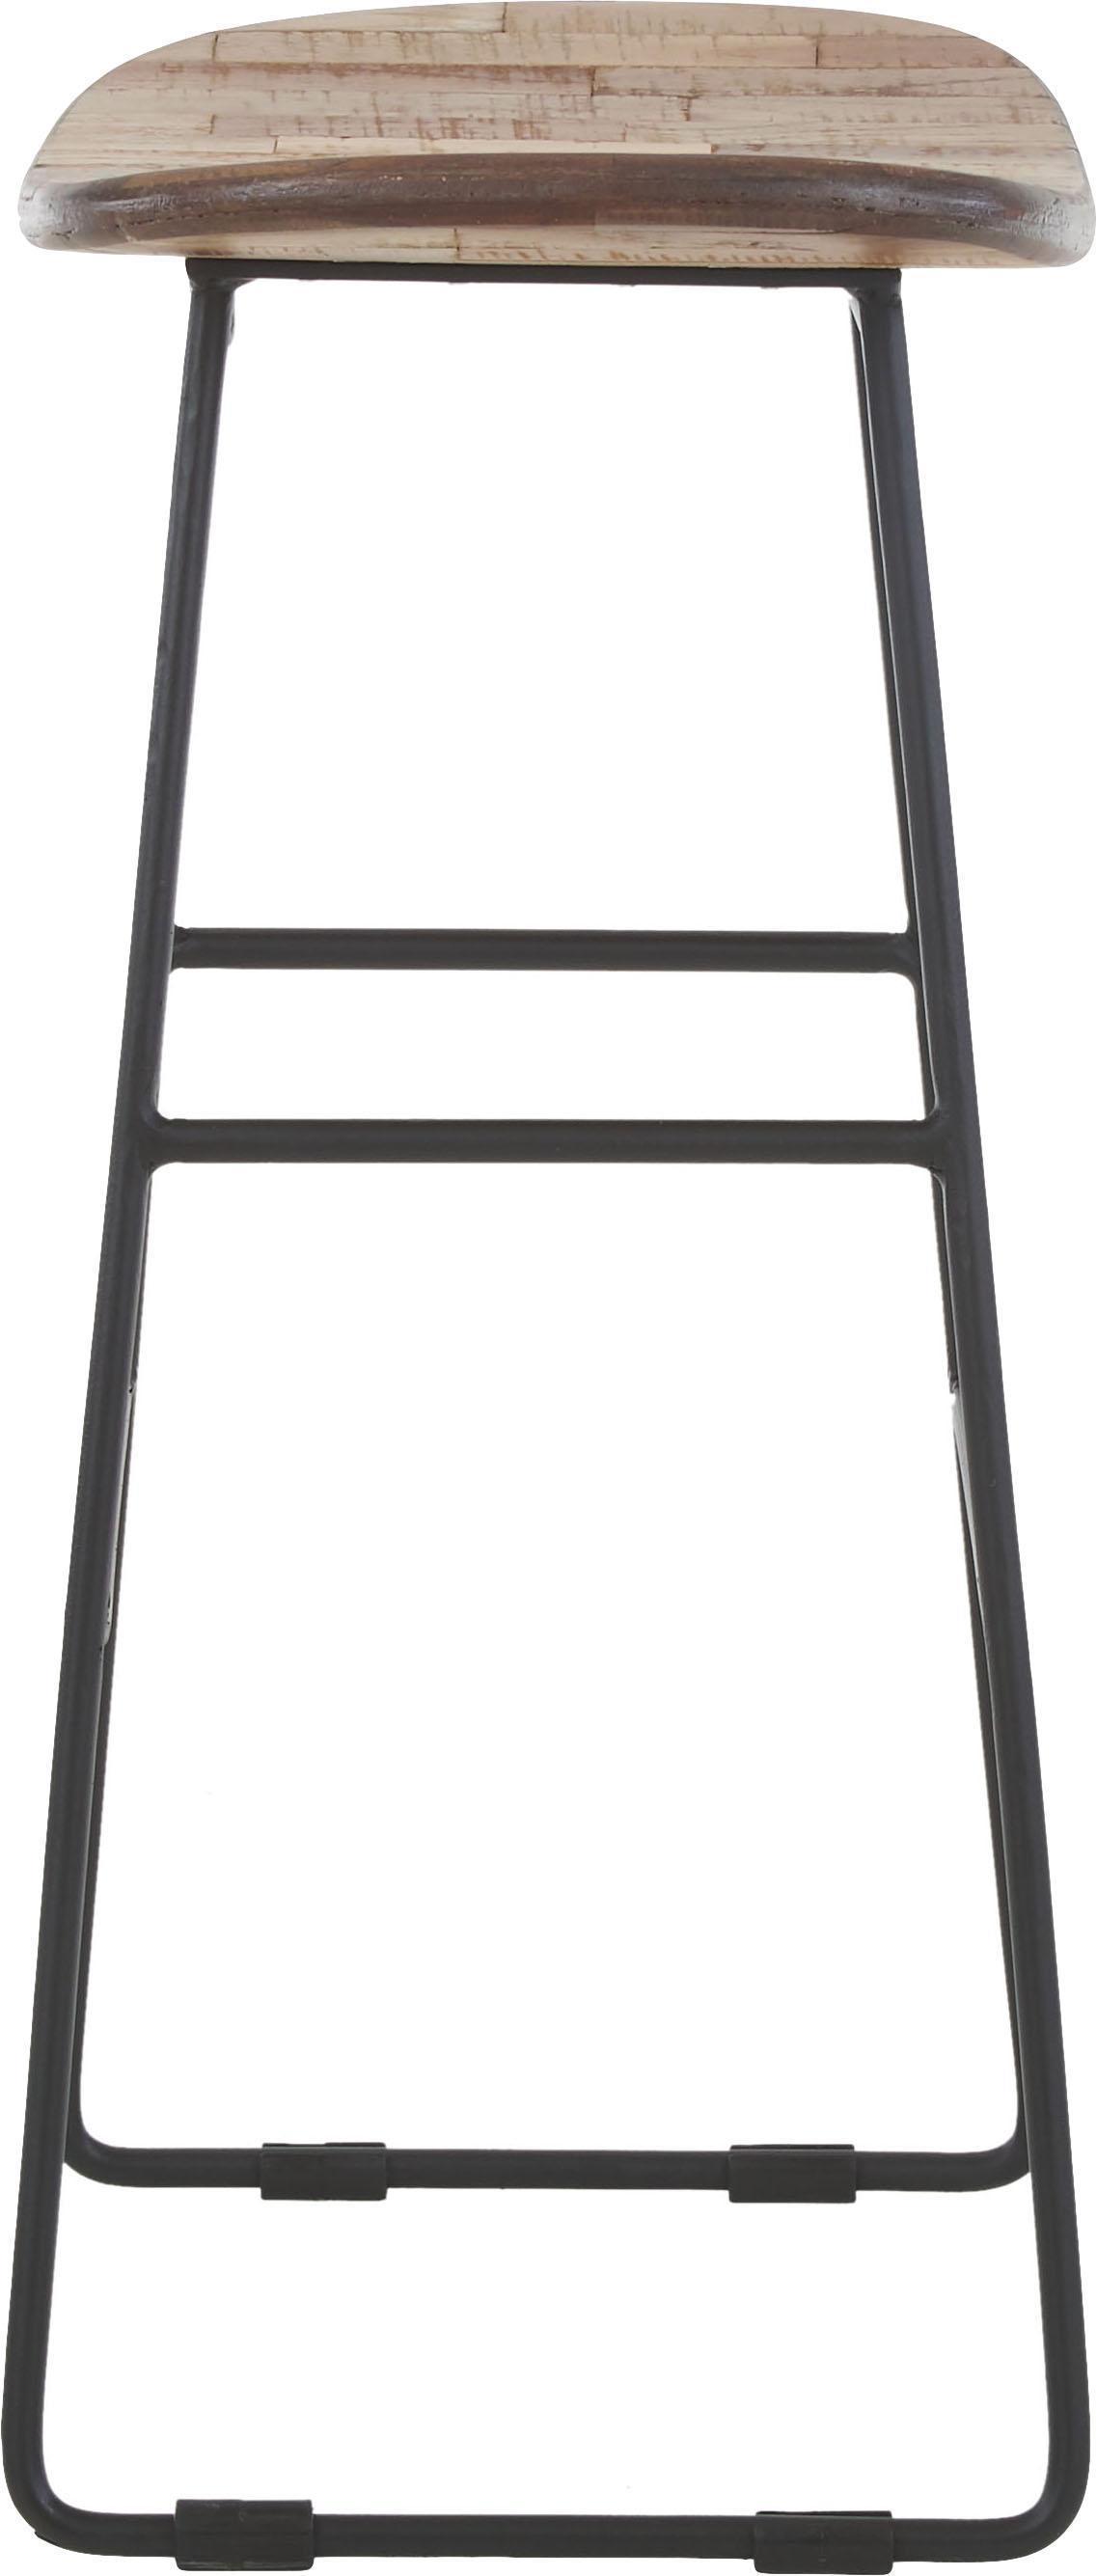 Taburete alto de teca y metal Tangle, Asiento: teca reciclada, Patas: metal, pintura en polvo, Marrón, An 40 x Al 65 cm